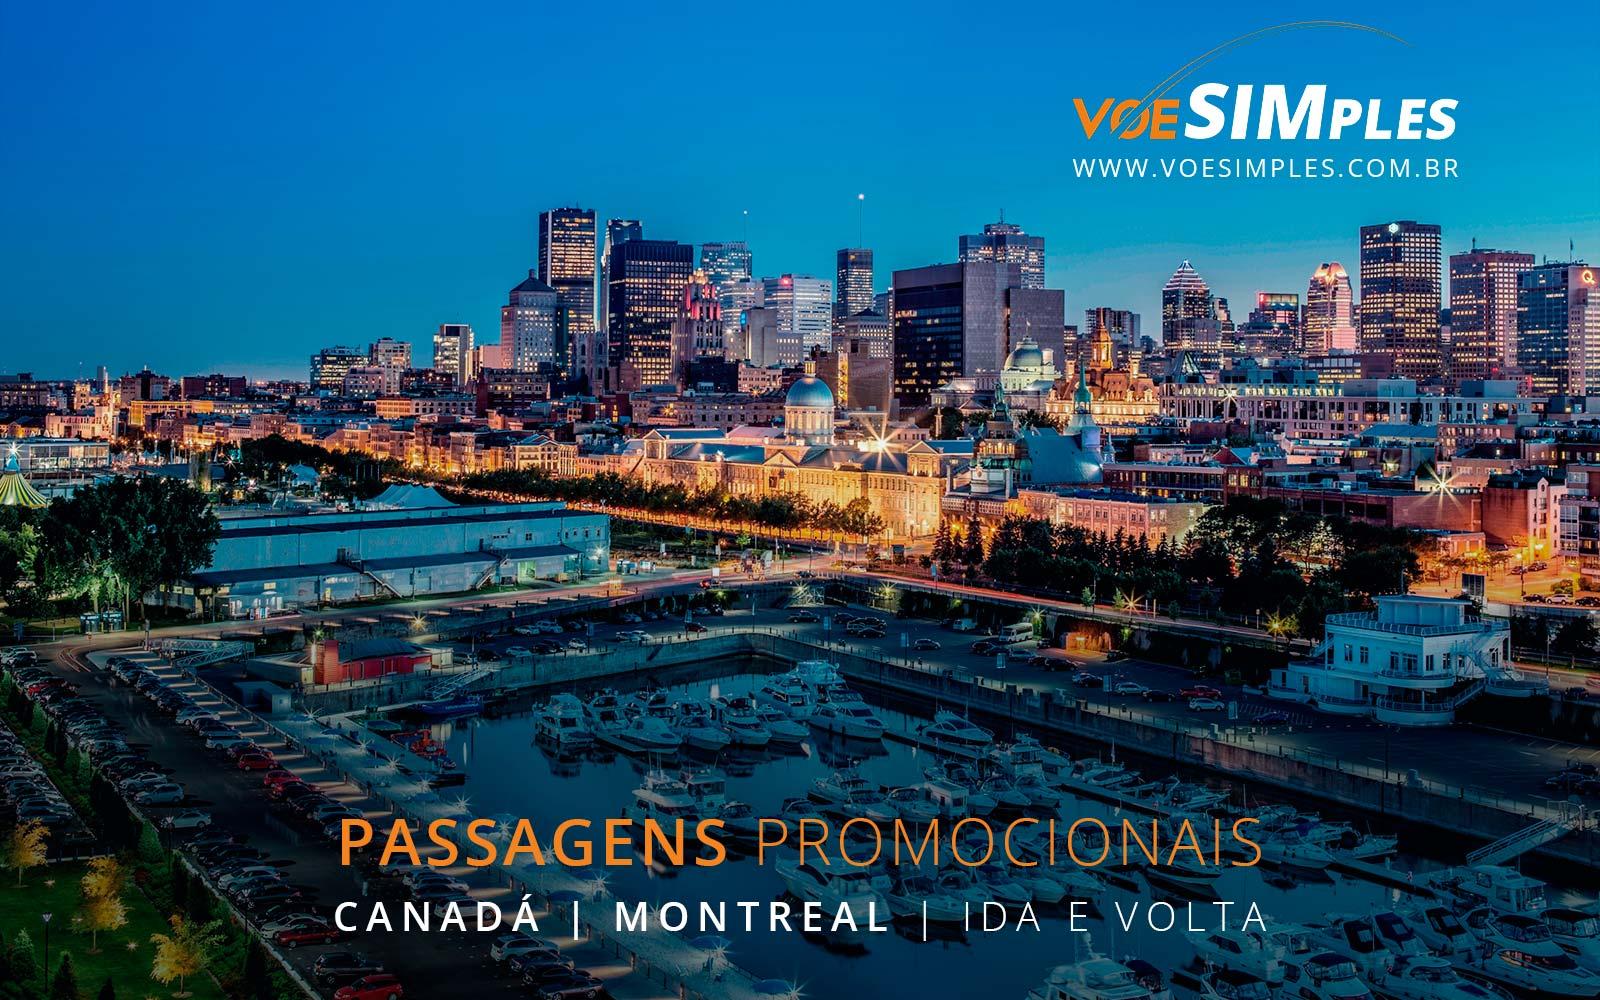 Passagens aéreas baratas para Montreal no Canadá